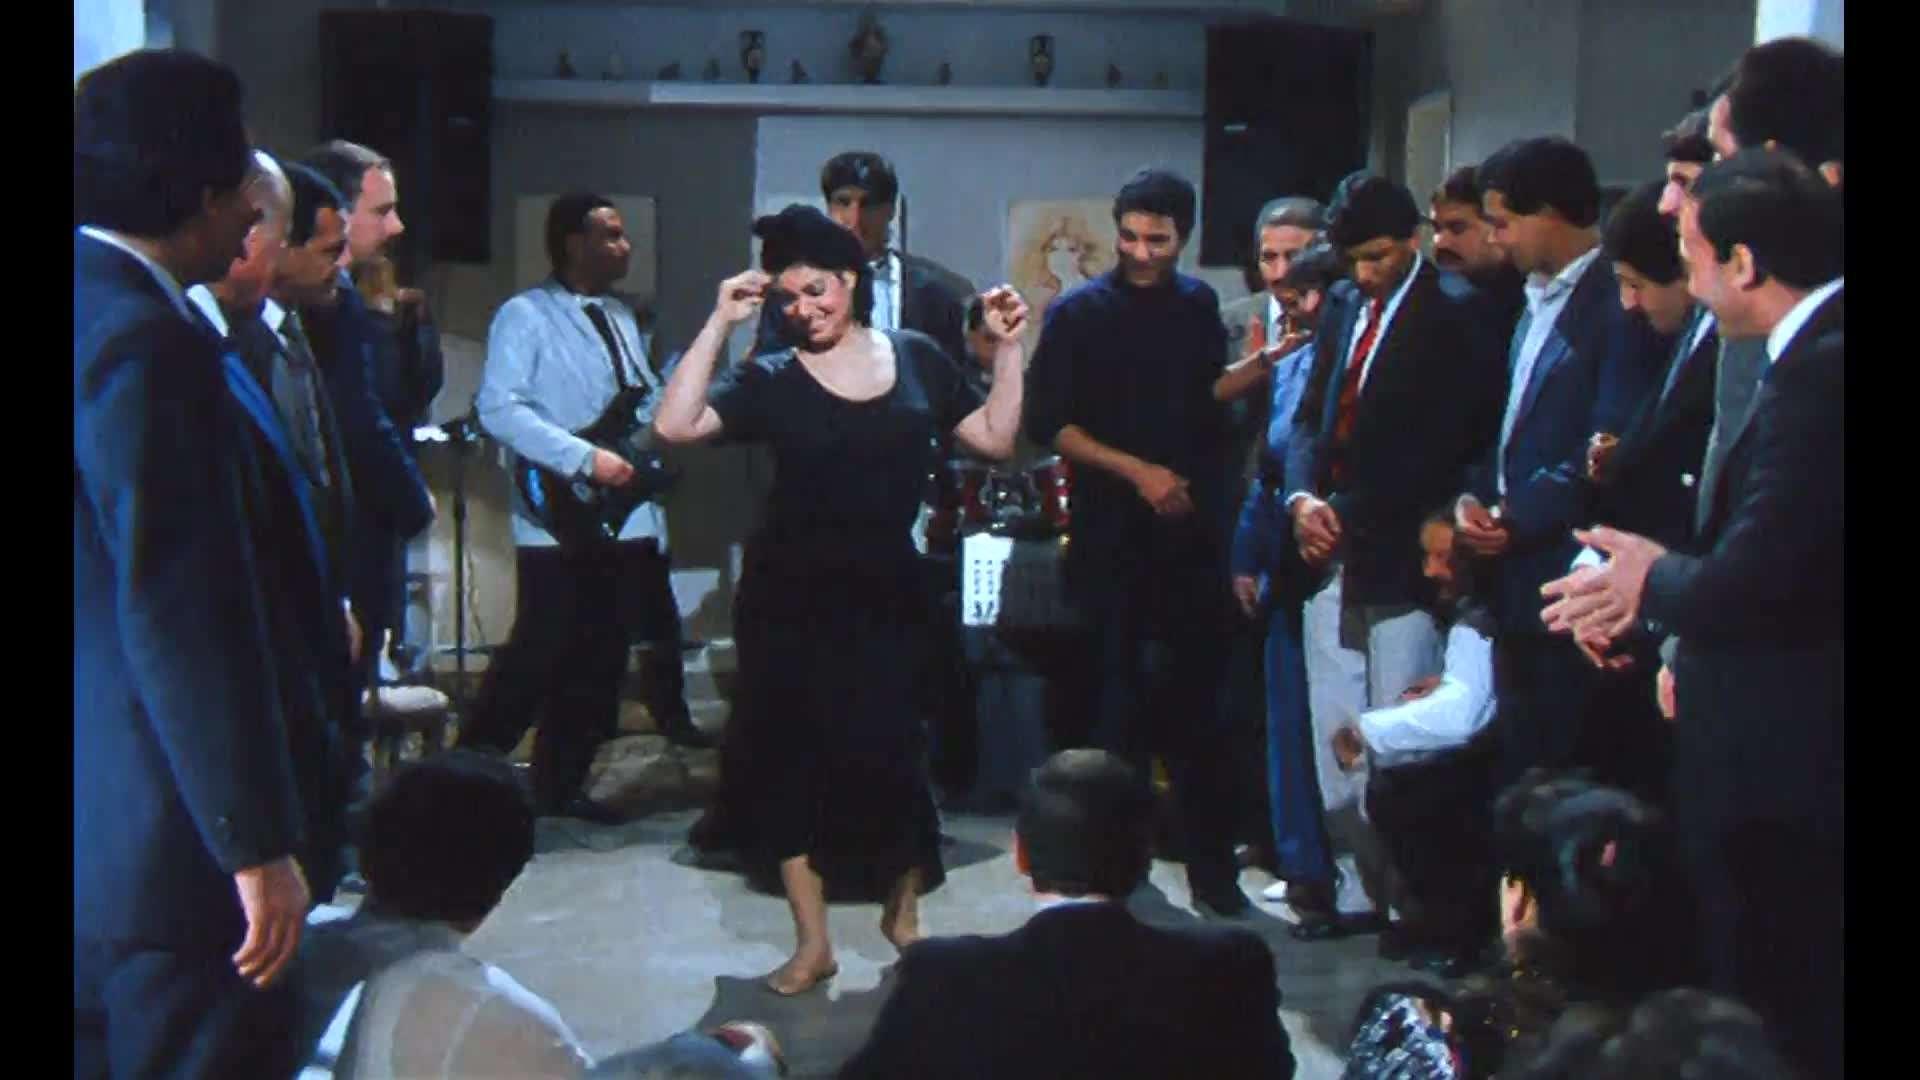 [فيلم][تورنت][تحميل][امرأة واحدة لا تكفي][1990][1080p][Web-DL] 12 arabp2p.com